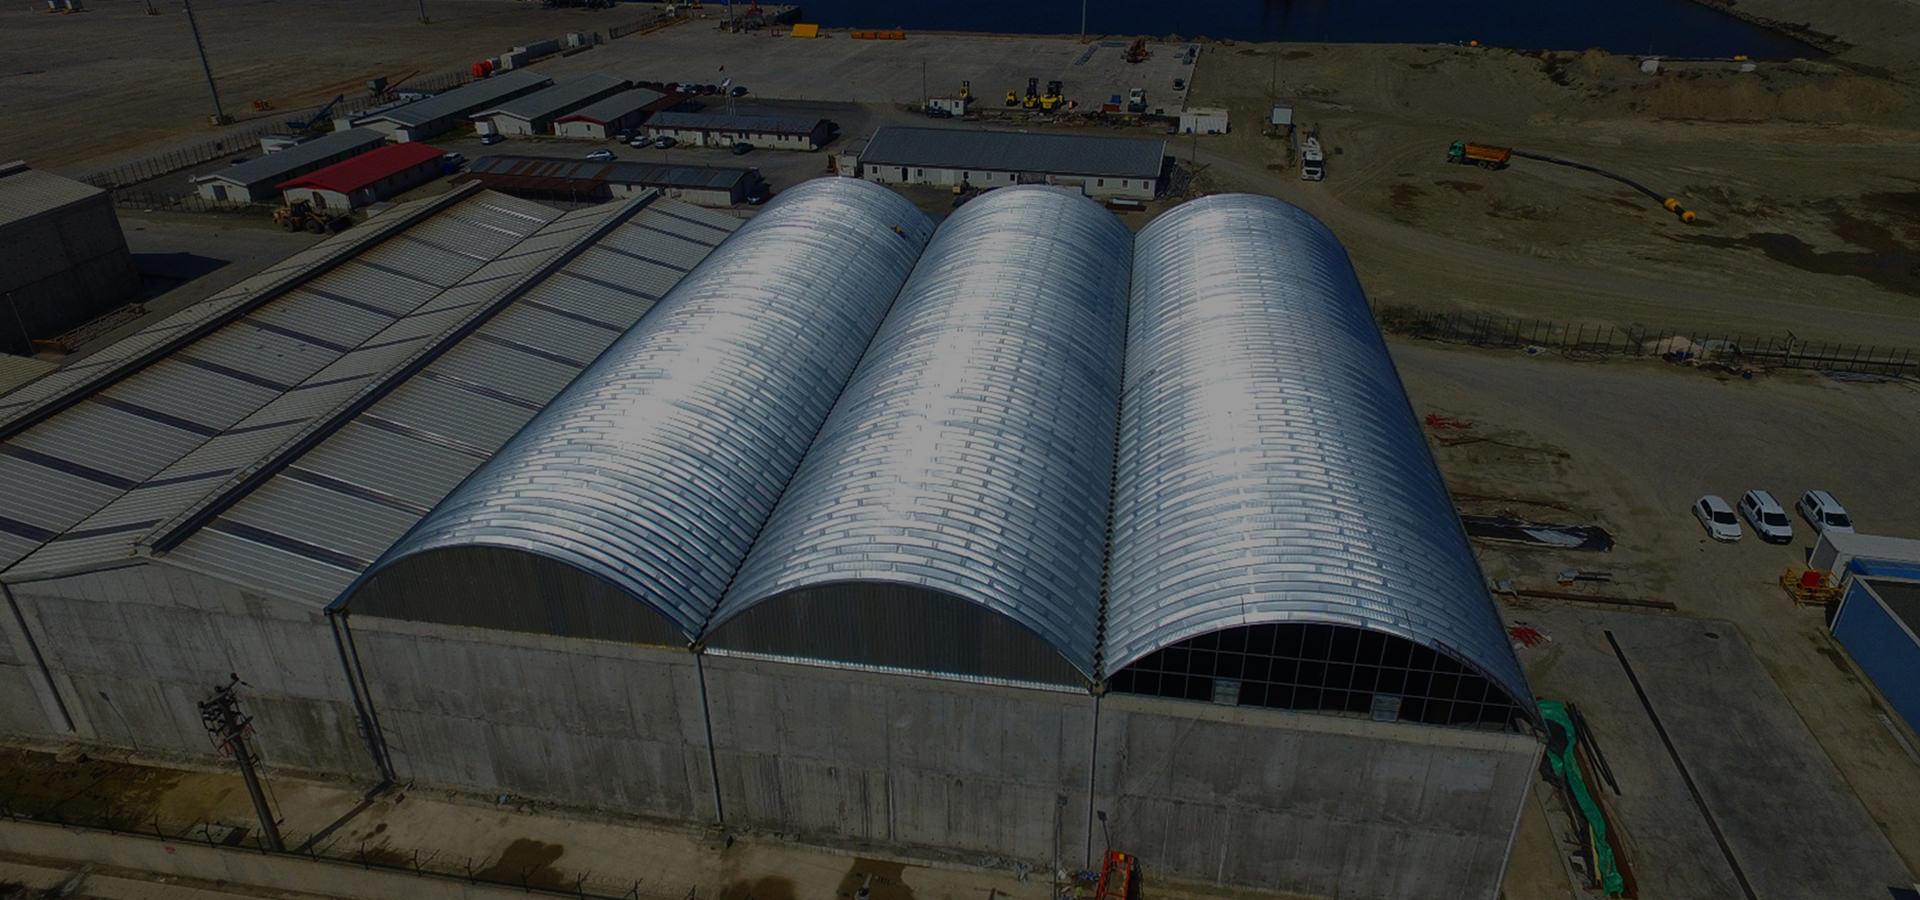 Roof Çelik - Çeliğin Şekil Almış Hali